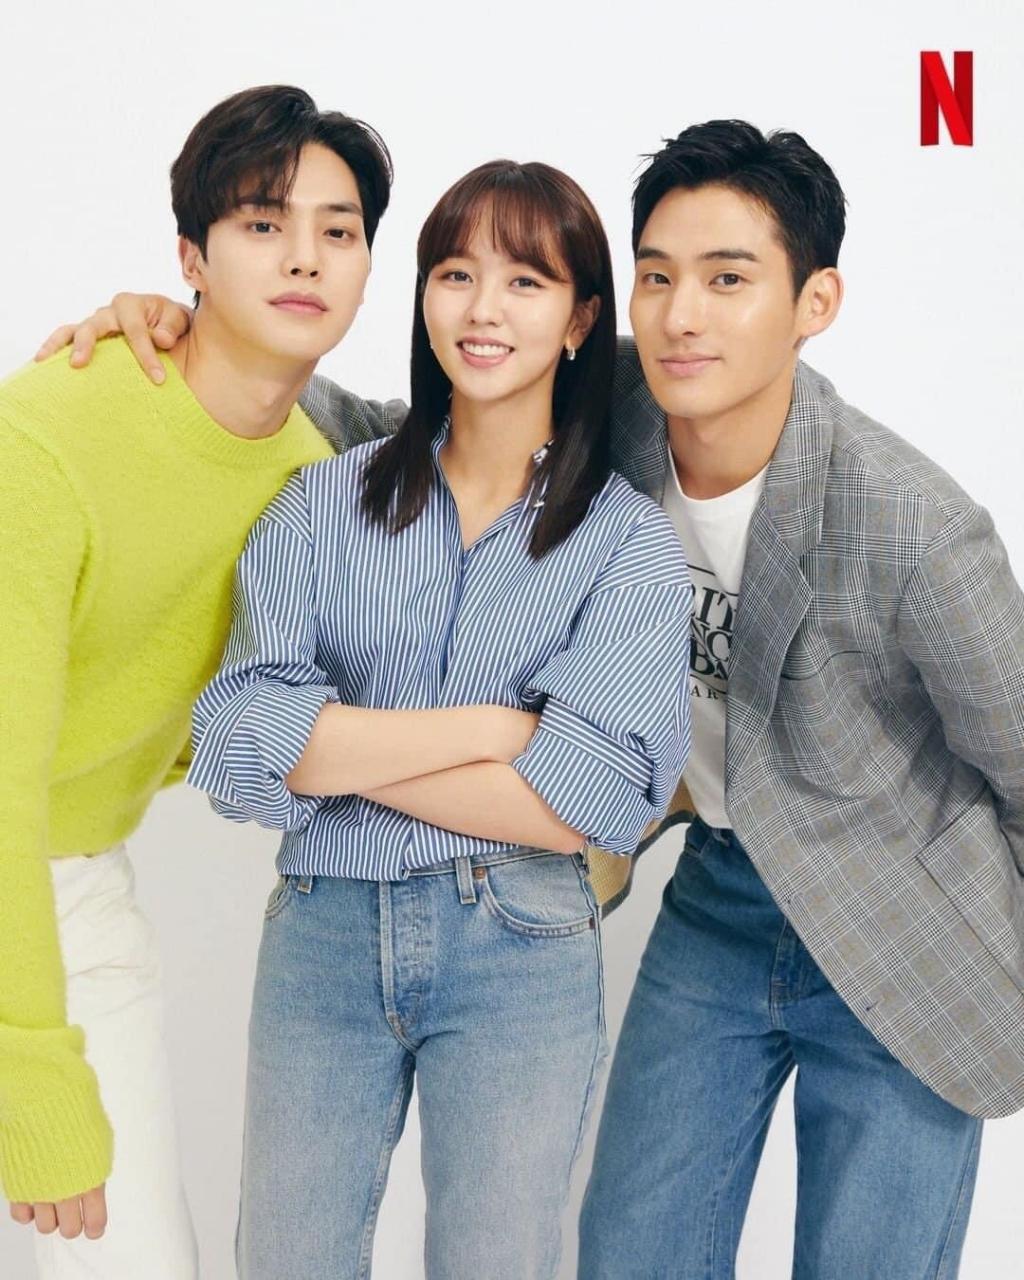 Kim So Hyun sau 'Love Alarm 2': Từ ngọc nữ được 'nâng niu' tới kẻ bị ghét bỏ vì phim quá tệ